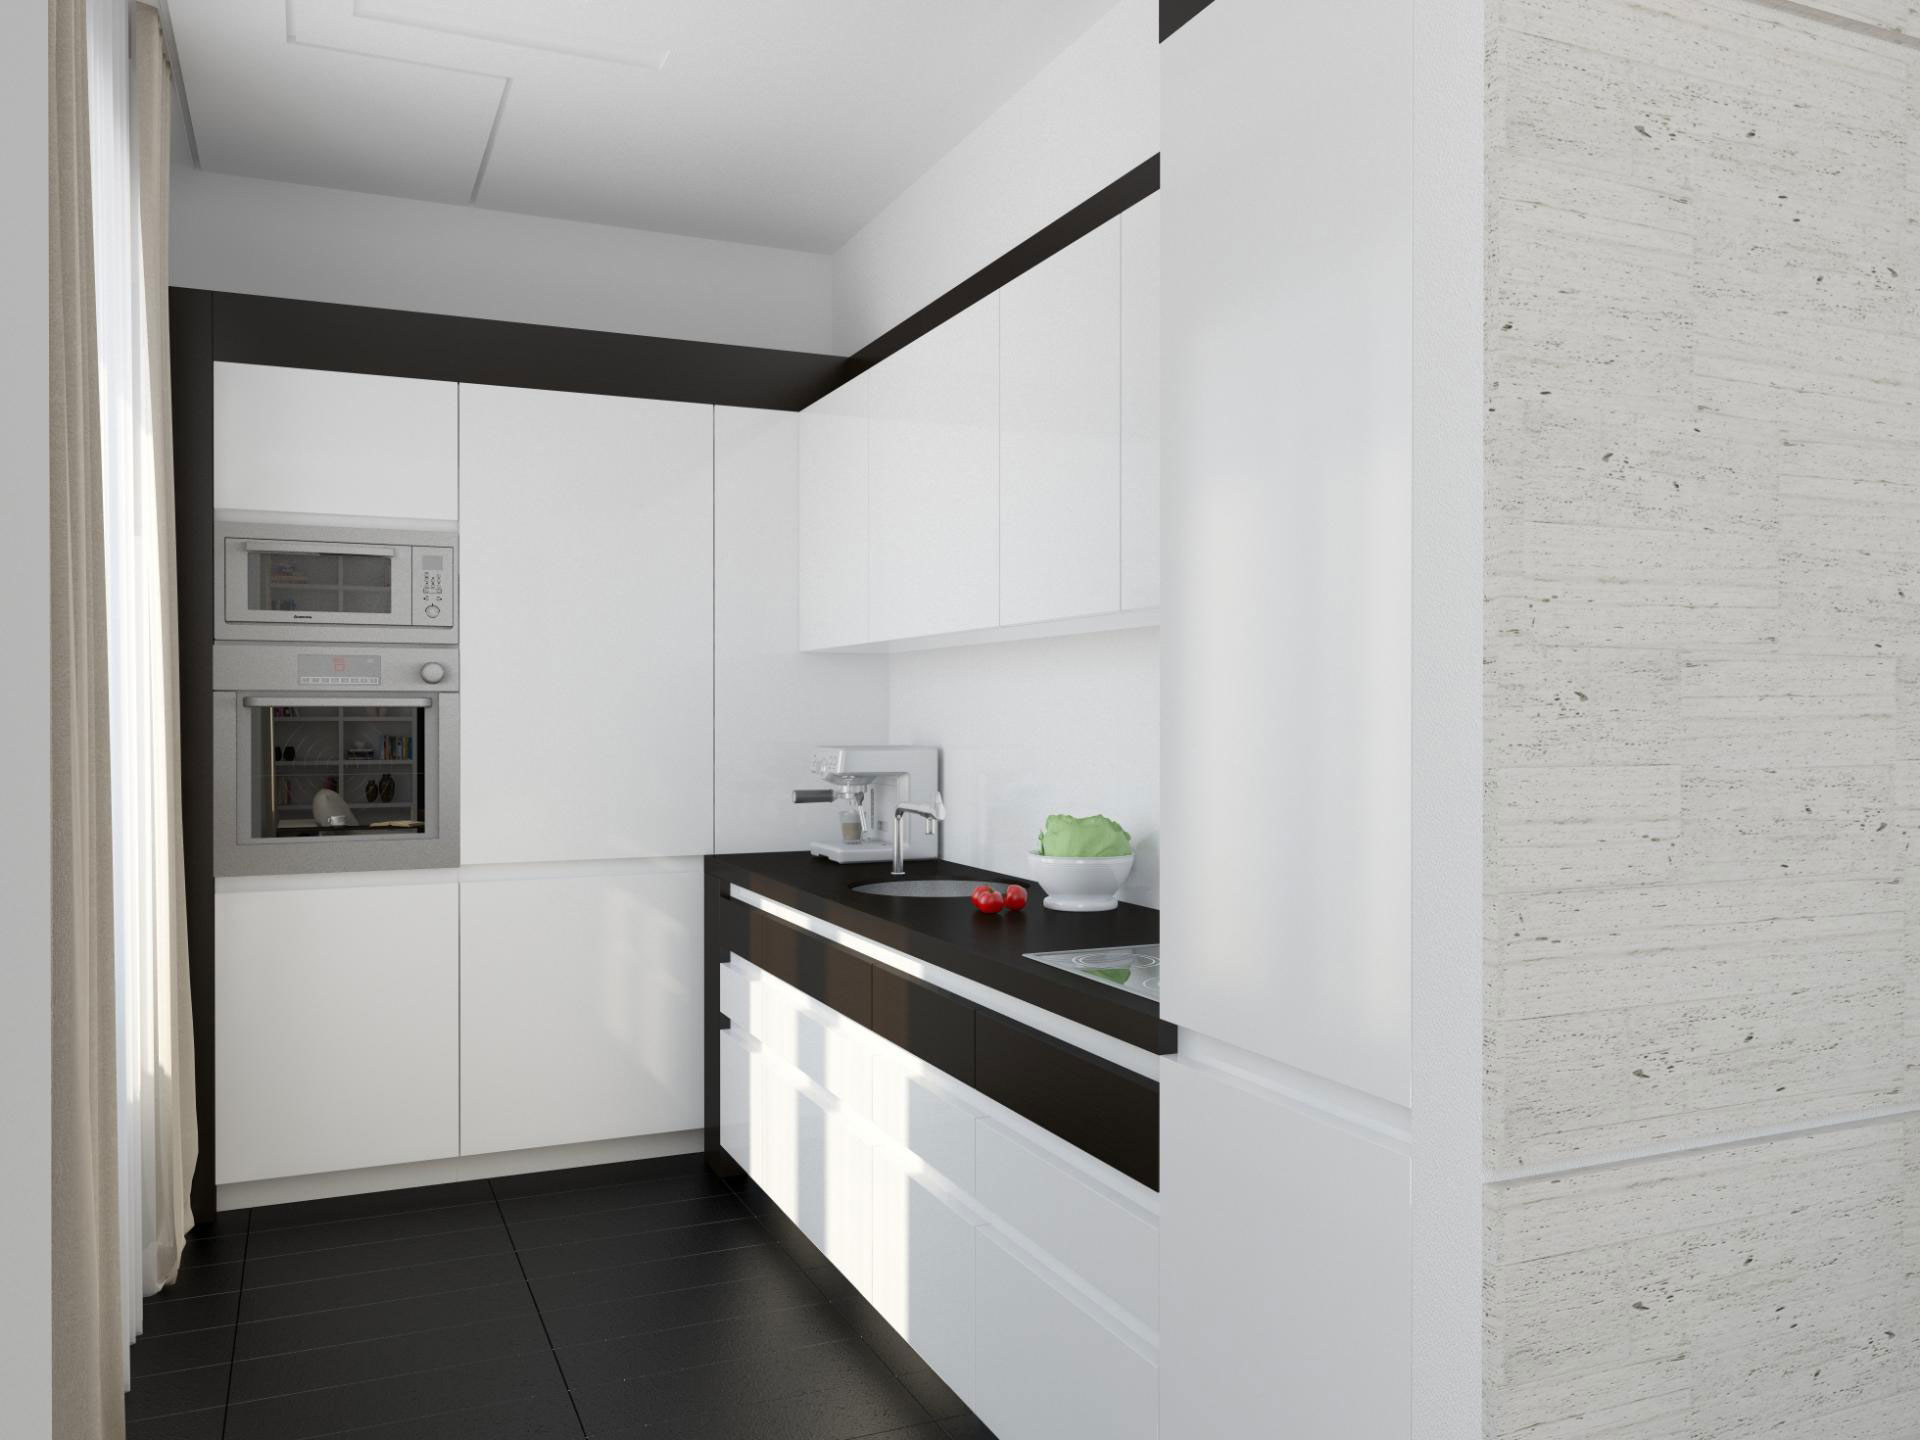 Уникальное оформление интерьера квартиры в стиле минимализм